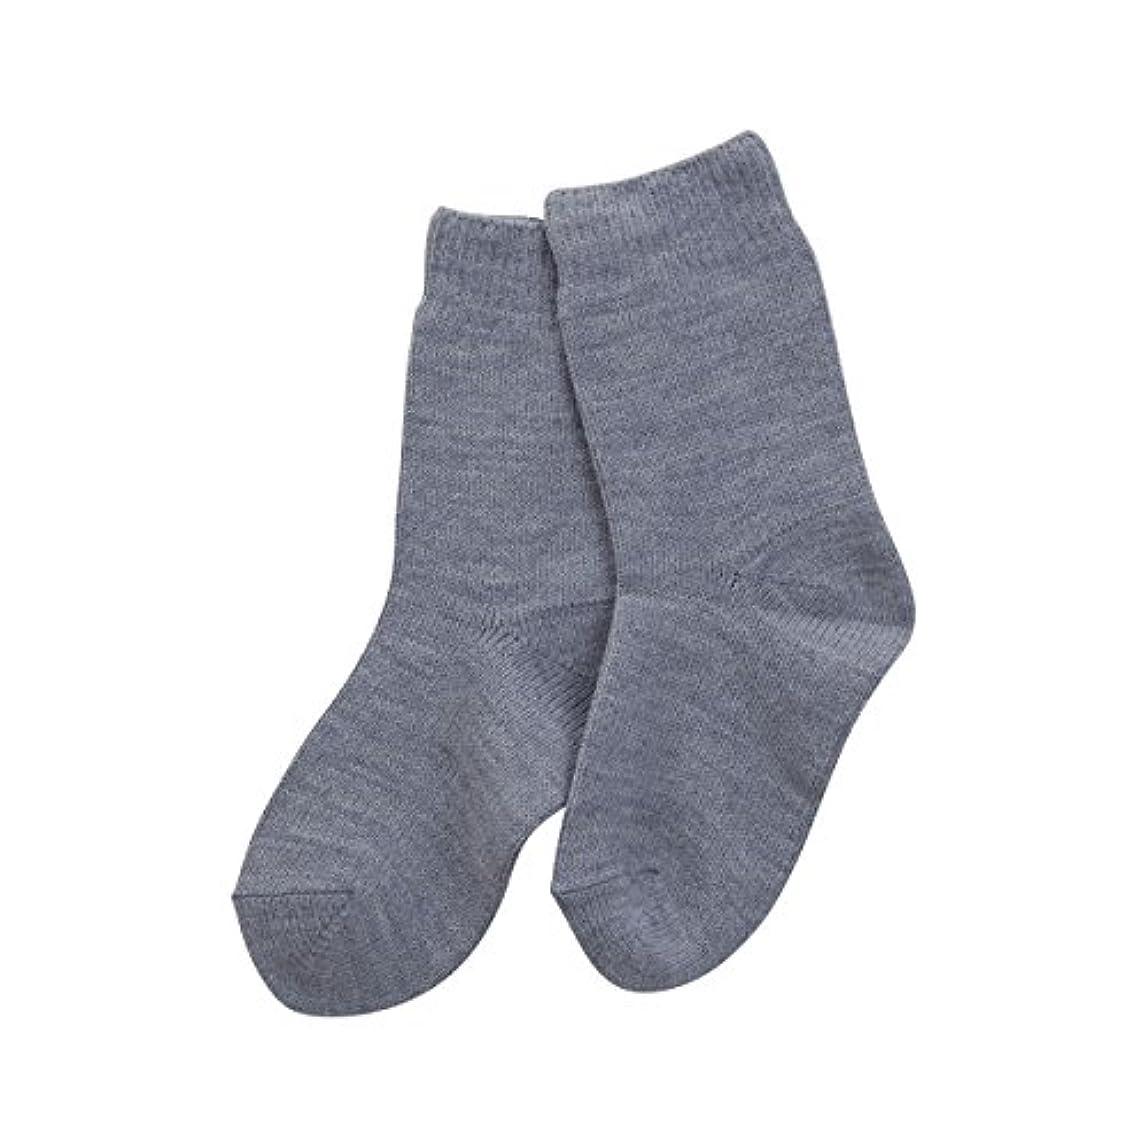 チャールズキージングテスピアンステッチ(コベス) KOBES ゴムなし 毛混 超ゆったり特大サイズ 大きいサイズ 靴下 日本製 婦人靴下